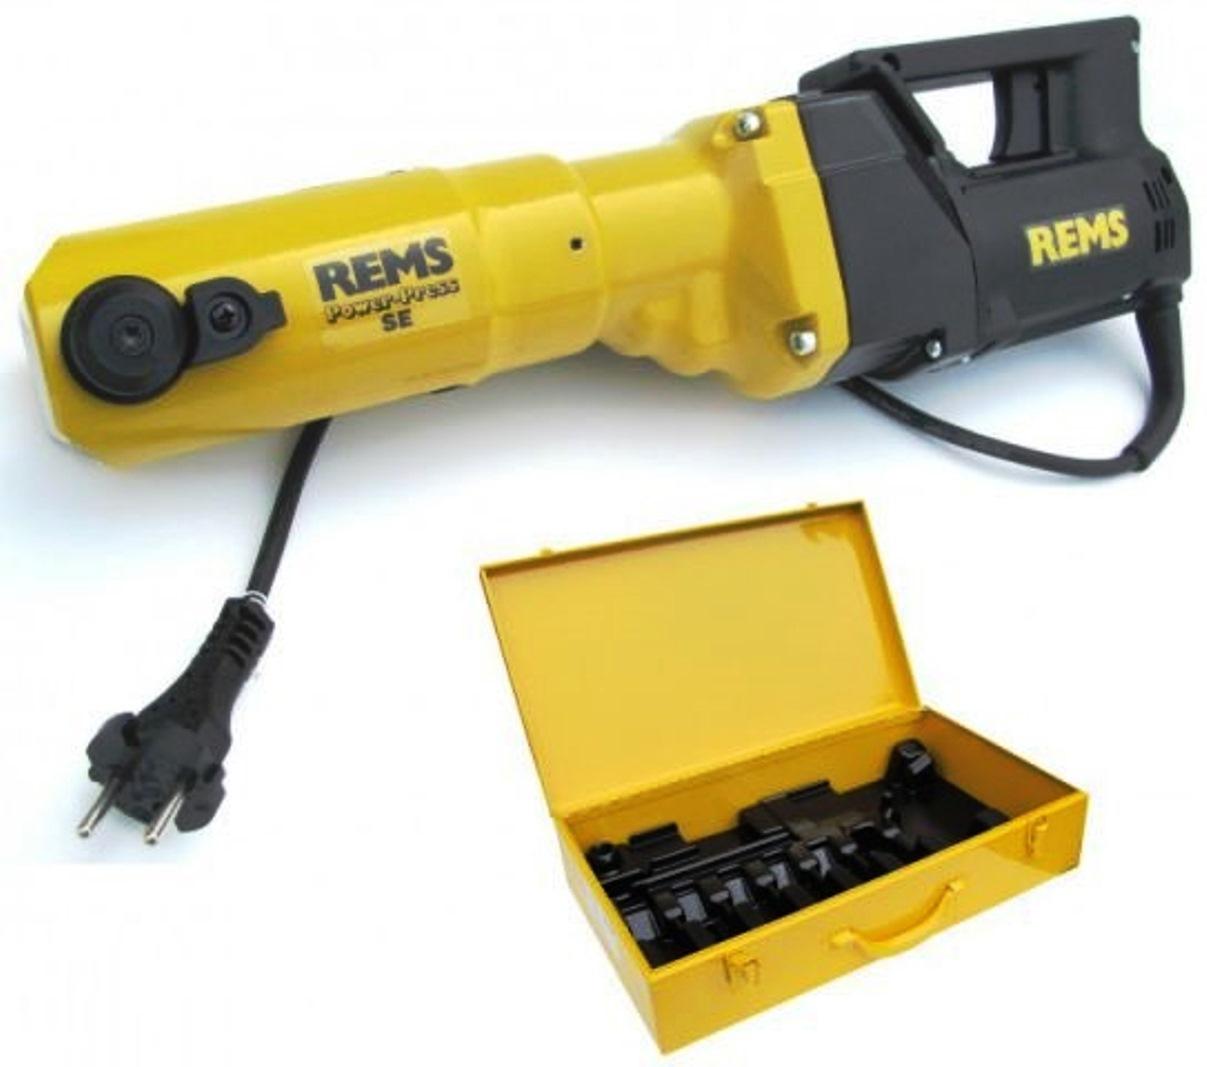 Пресс-клещи для металлопластиковых труб Rems Пауер-Пресс se 572111